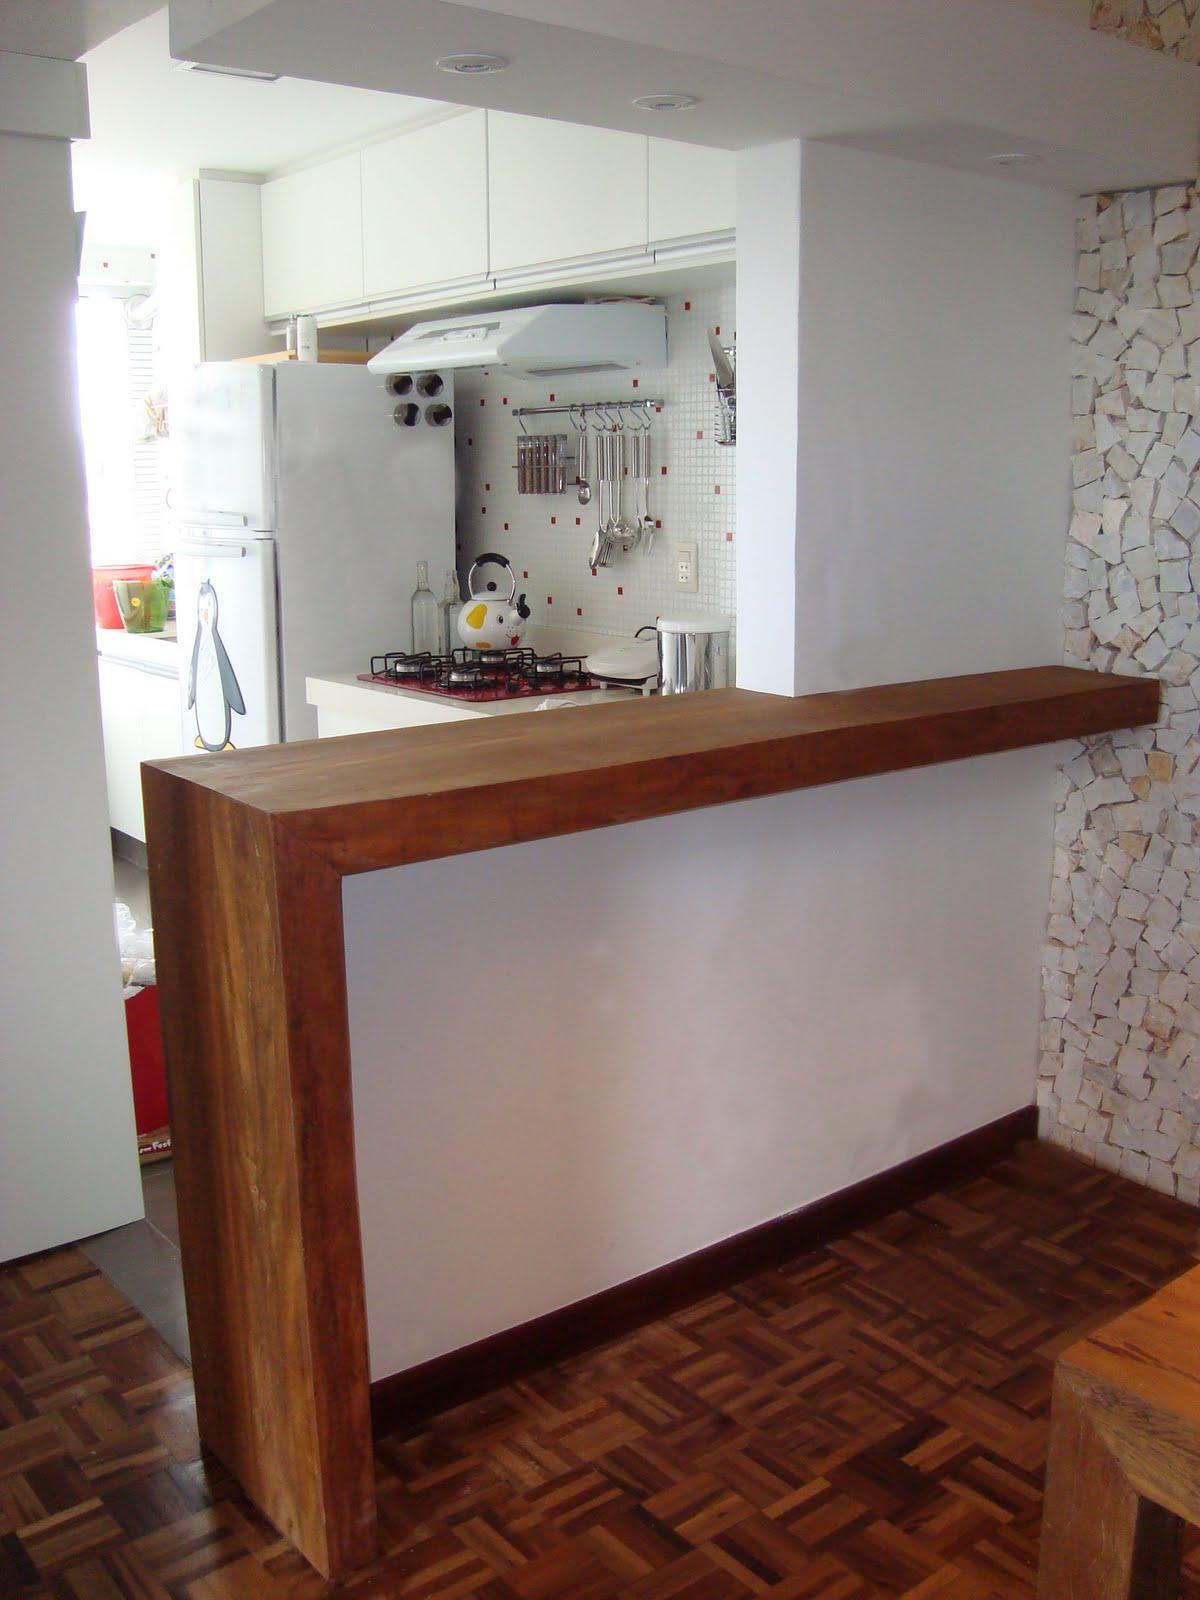 #673620 Madeira Brazil: Mesas e bancadas em madeira maciça e de demolição 1200x1600 px Balcao Mesa Para Cozinha Americana #1143 imagens